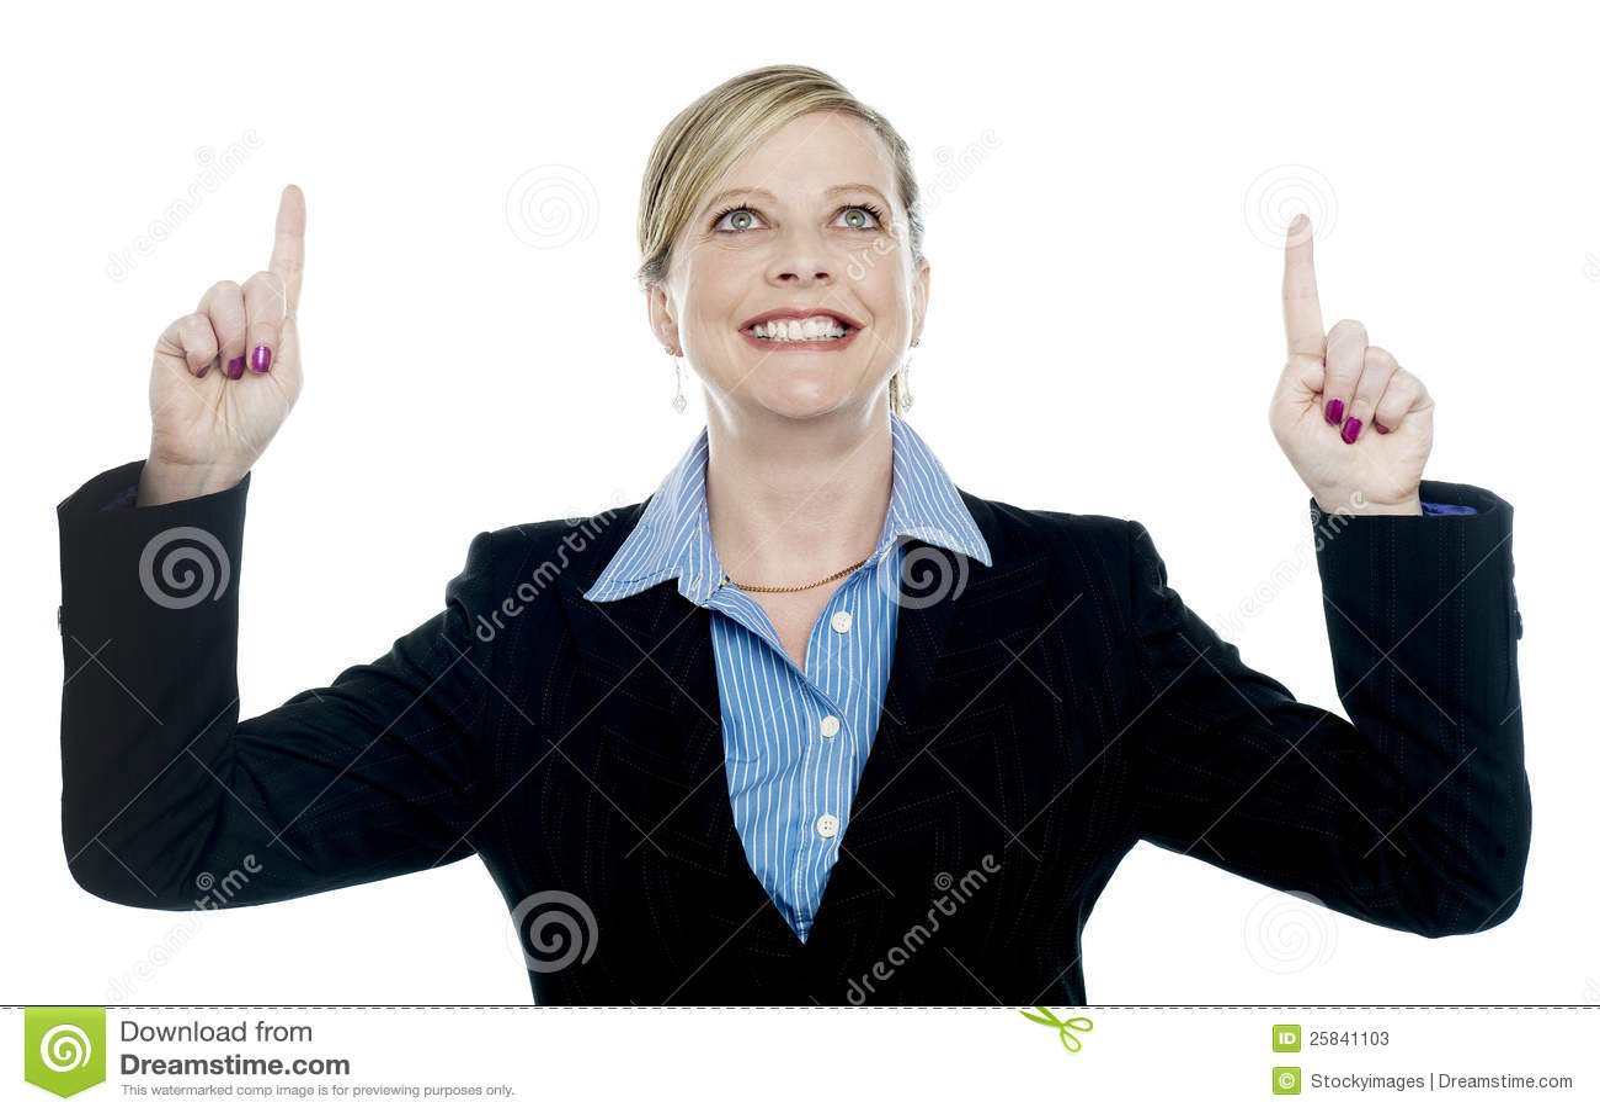 Señora corporativa que señala hacia arriba con ambas manos